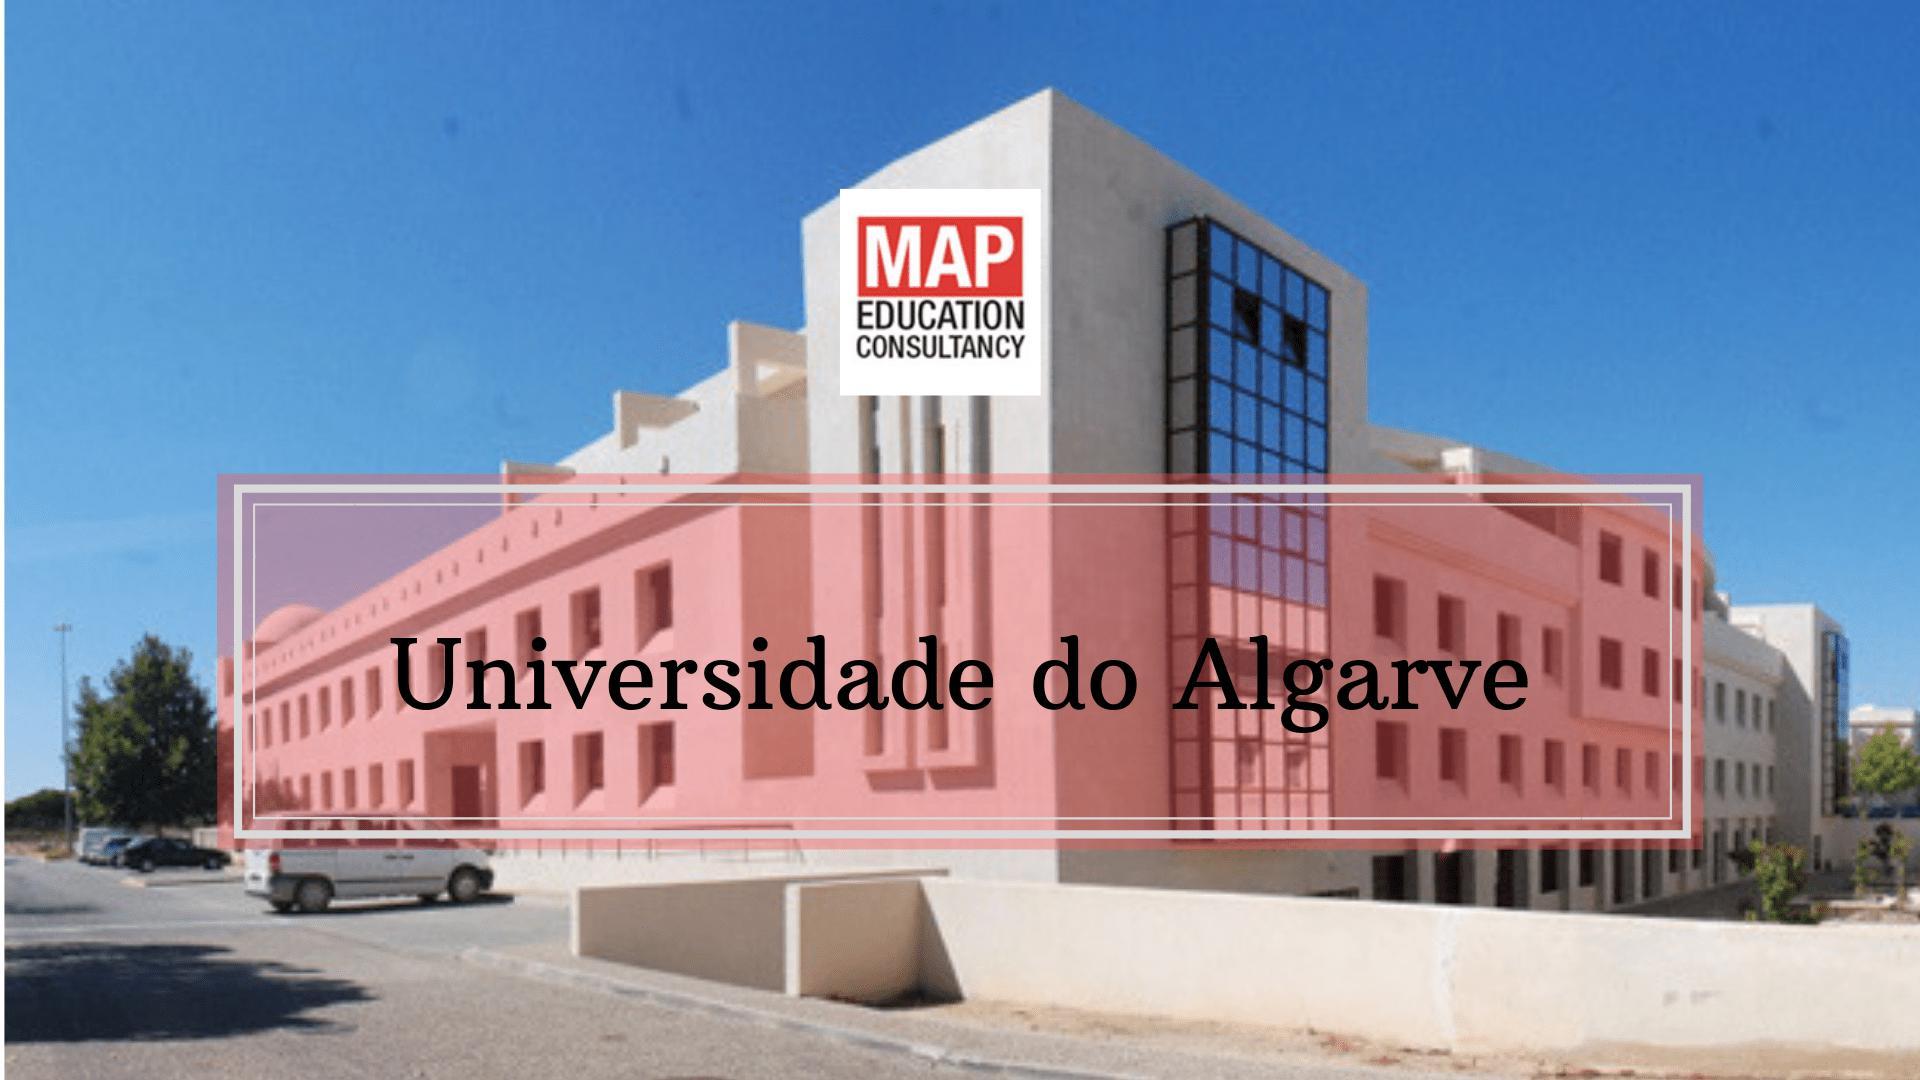 Trường Đại Học Algarve